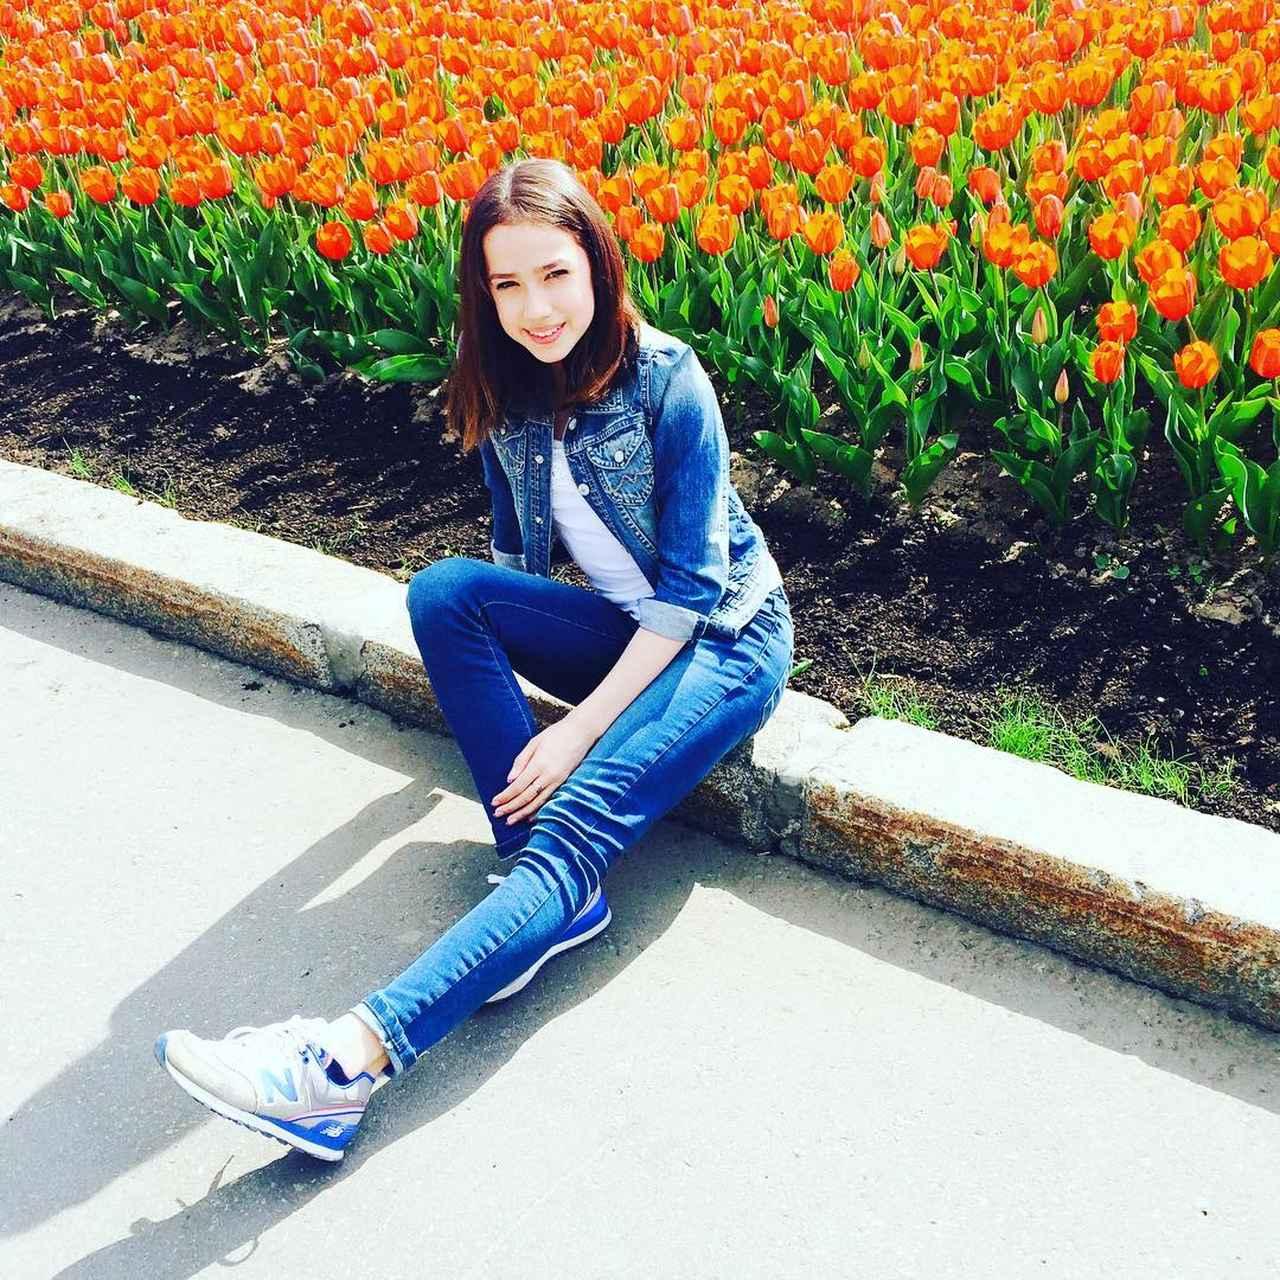 画像1: Alina ZagitovaさんはInstagramを利用しています:「ВДНХ」 www.instagram.com